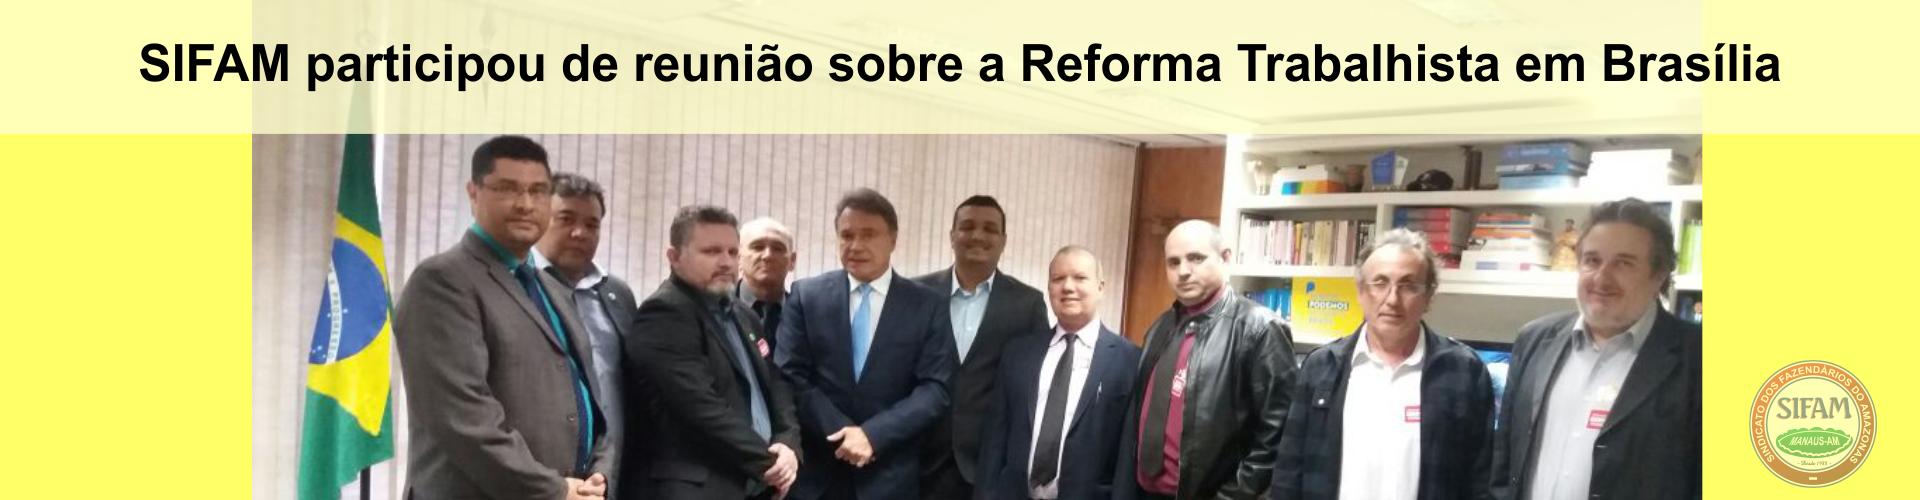 SIFAM participou de reunião sobre a Reforma Trabalhista em Brasília